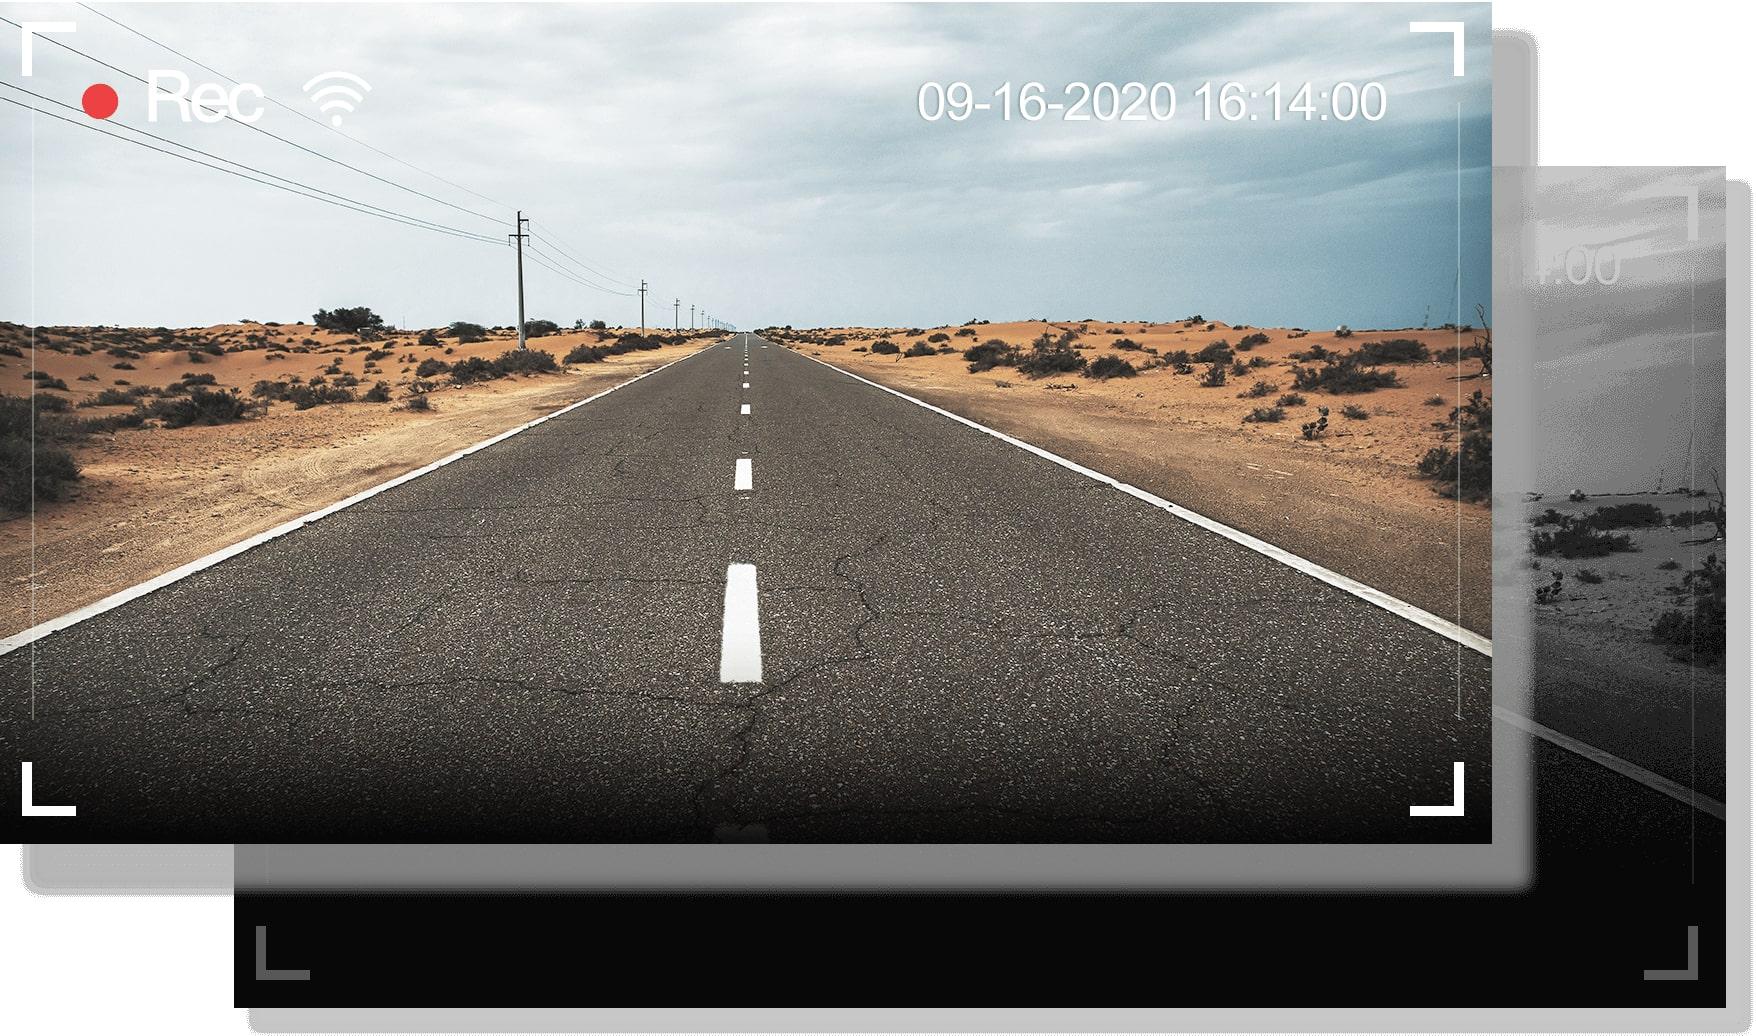 ghi hình với thông tin tốc độ tọa độ khi có gps